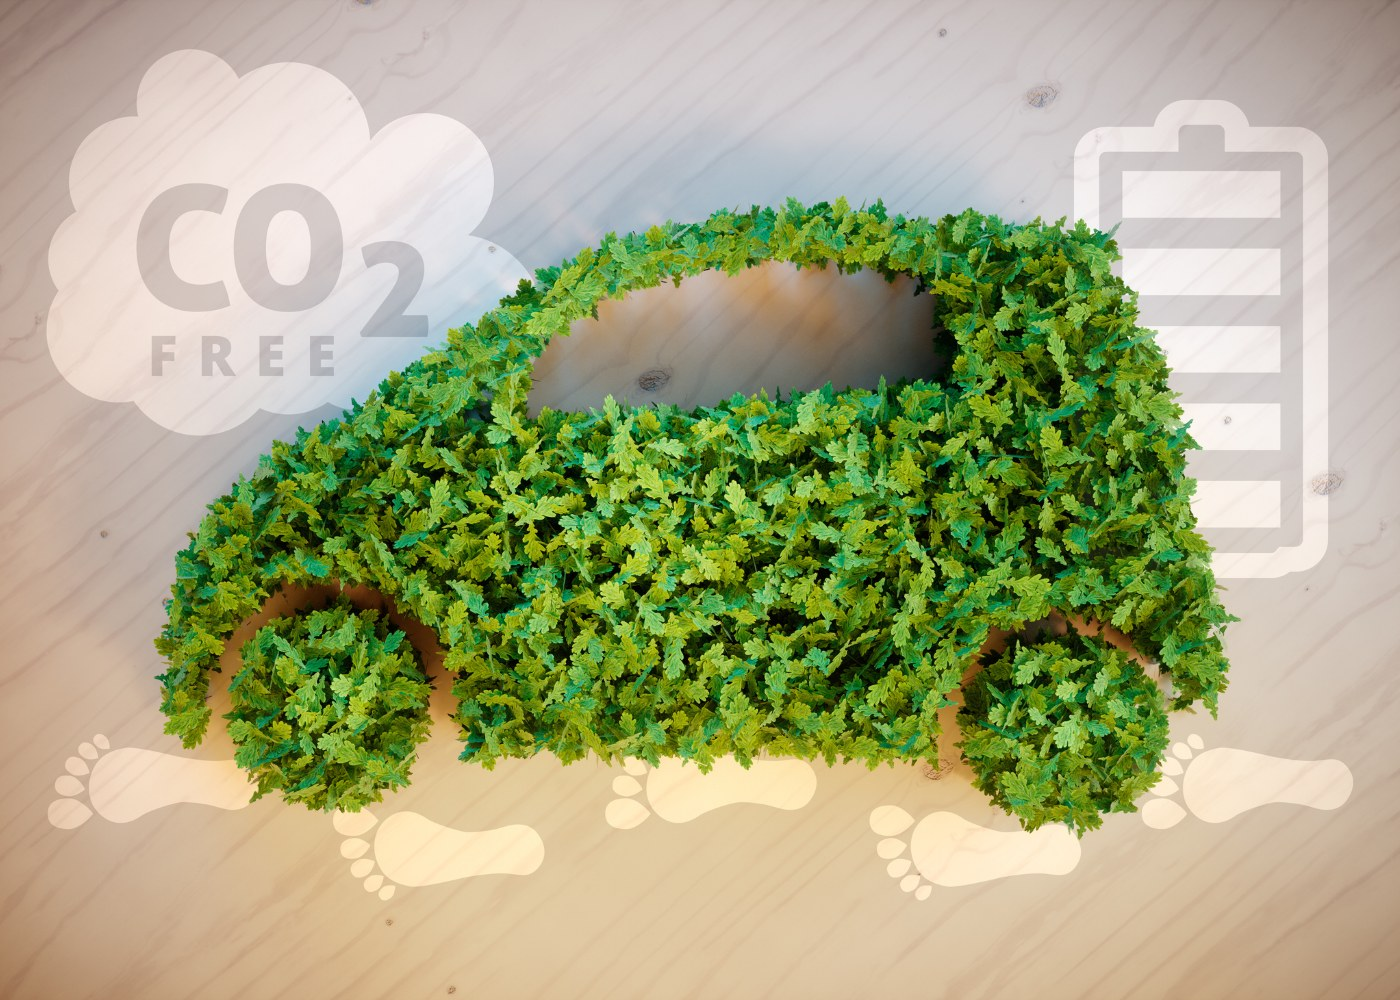 carro feito de folhas verdes para simbolizar combustíveis sintéticos